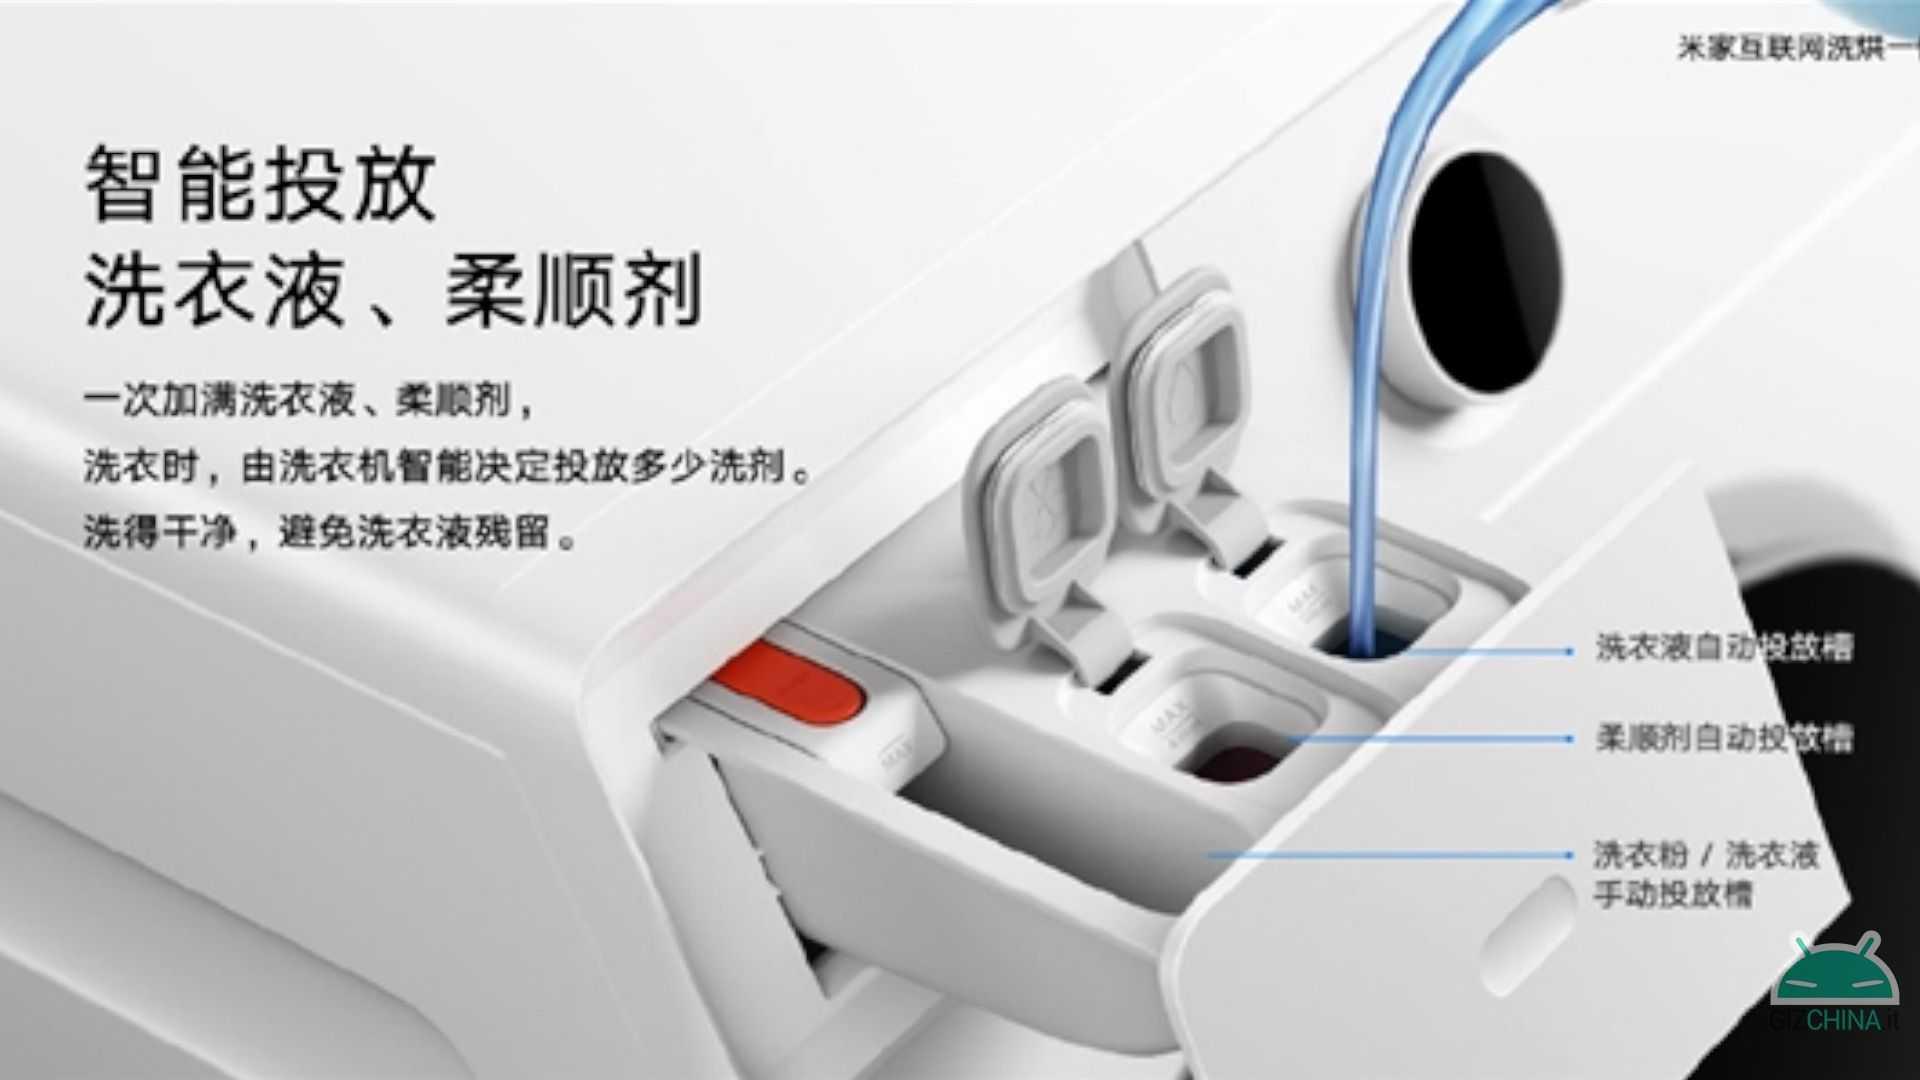 Стиральные машины xiaomi - честный обзор